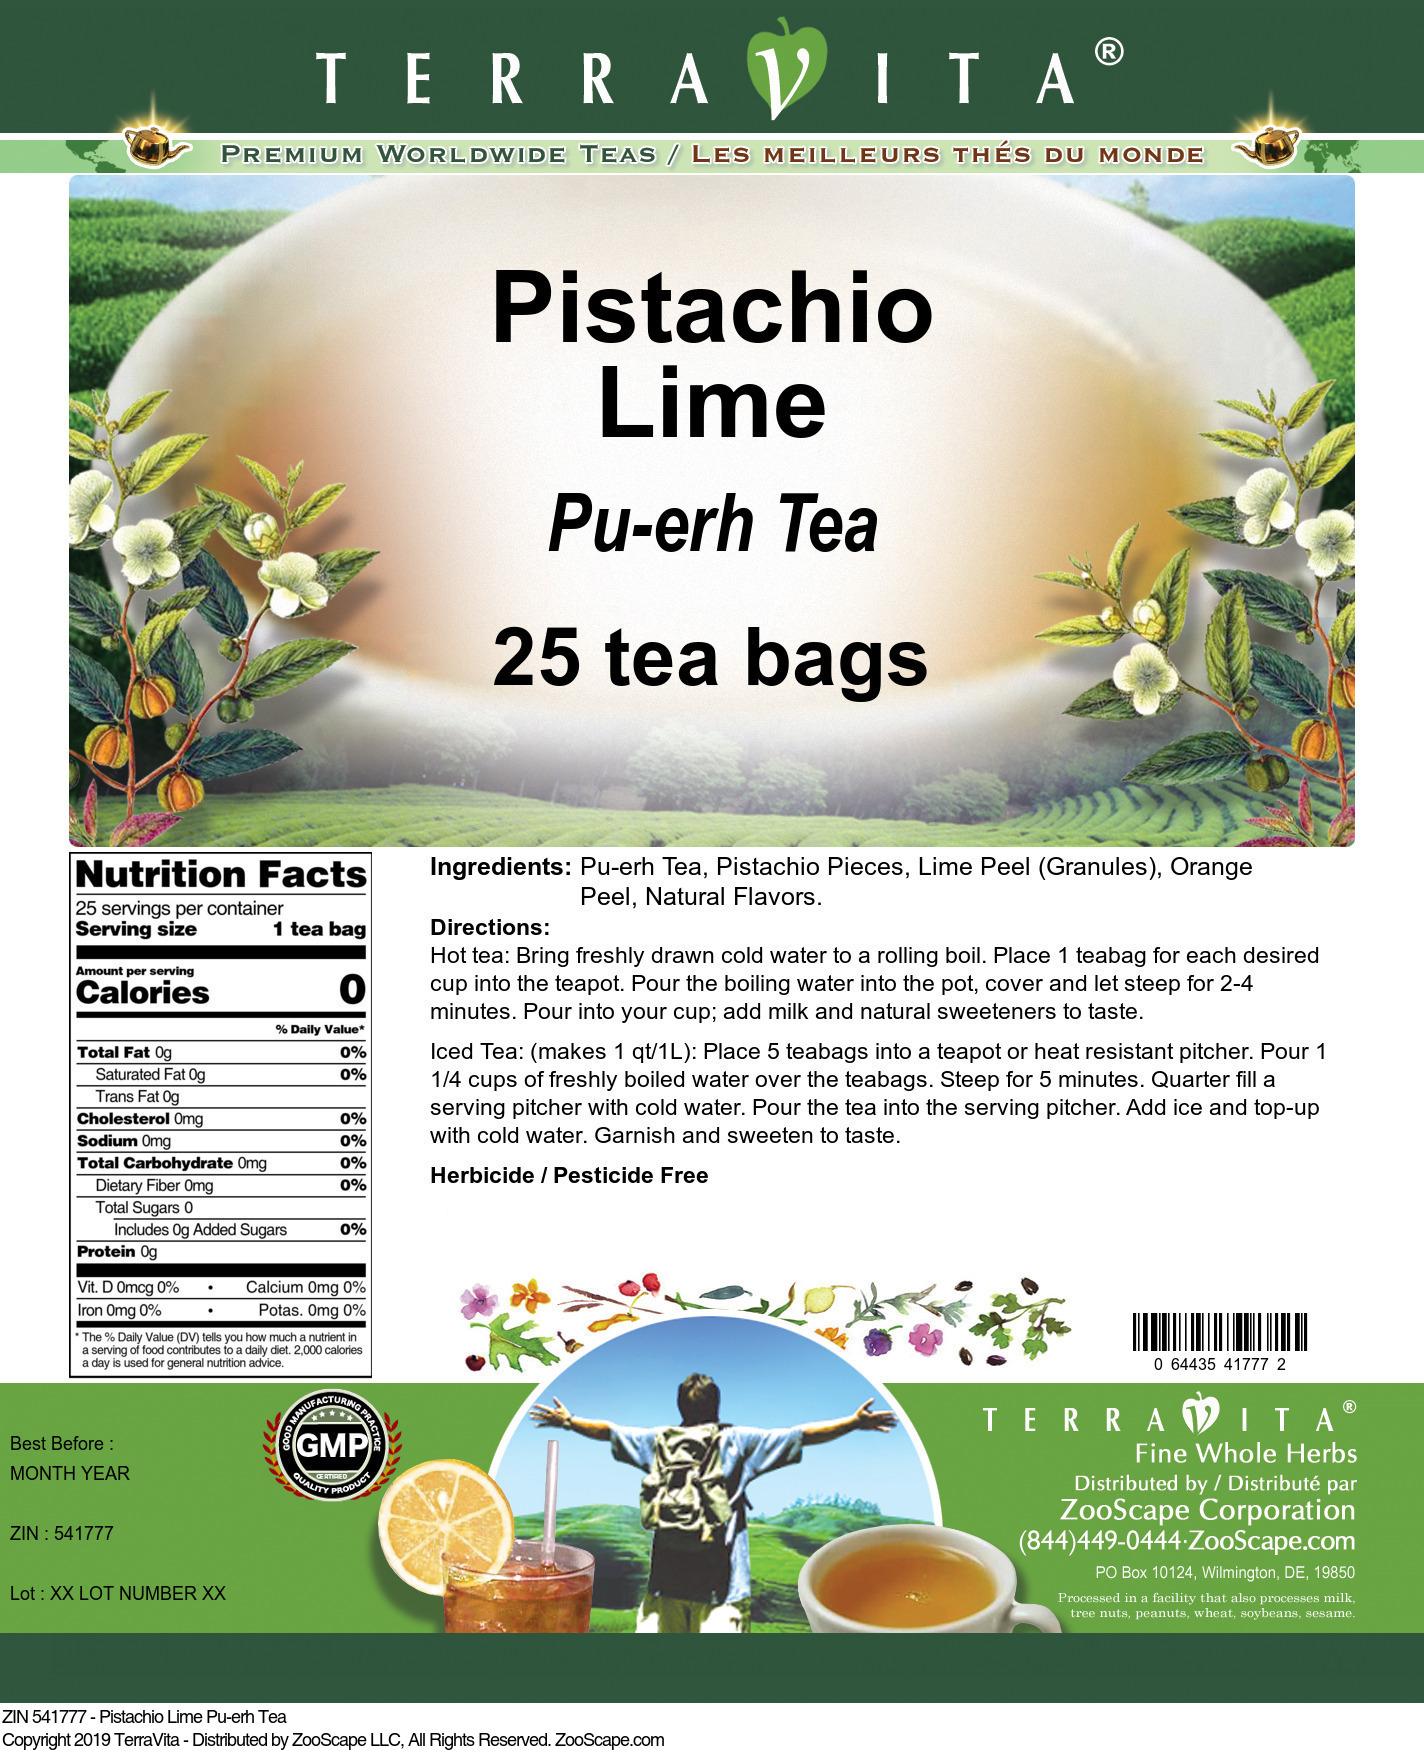 Pistachio Lime Pu-erh Tea